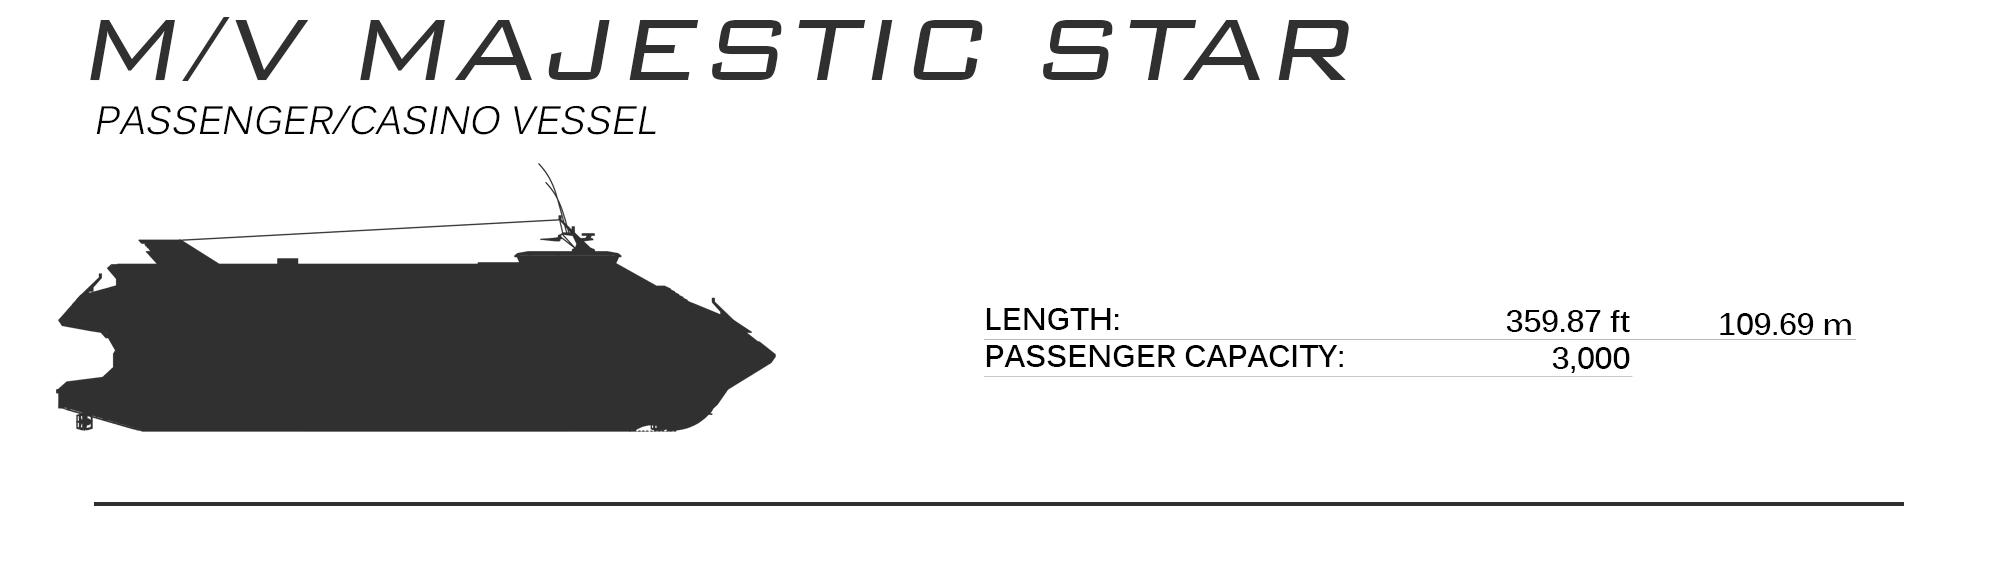 MAJESTIC STAR.jpg